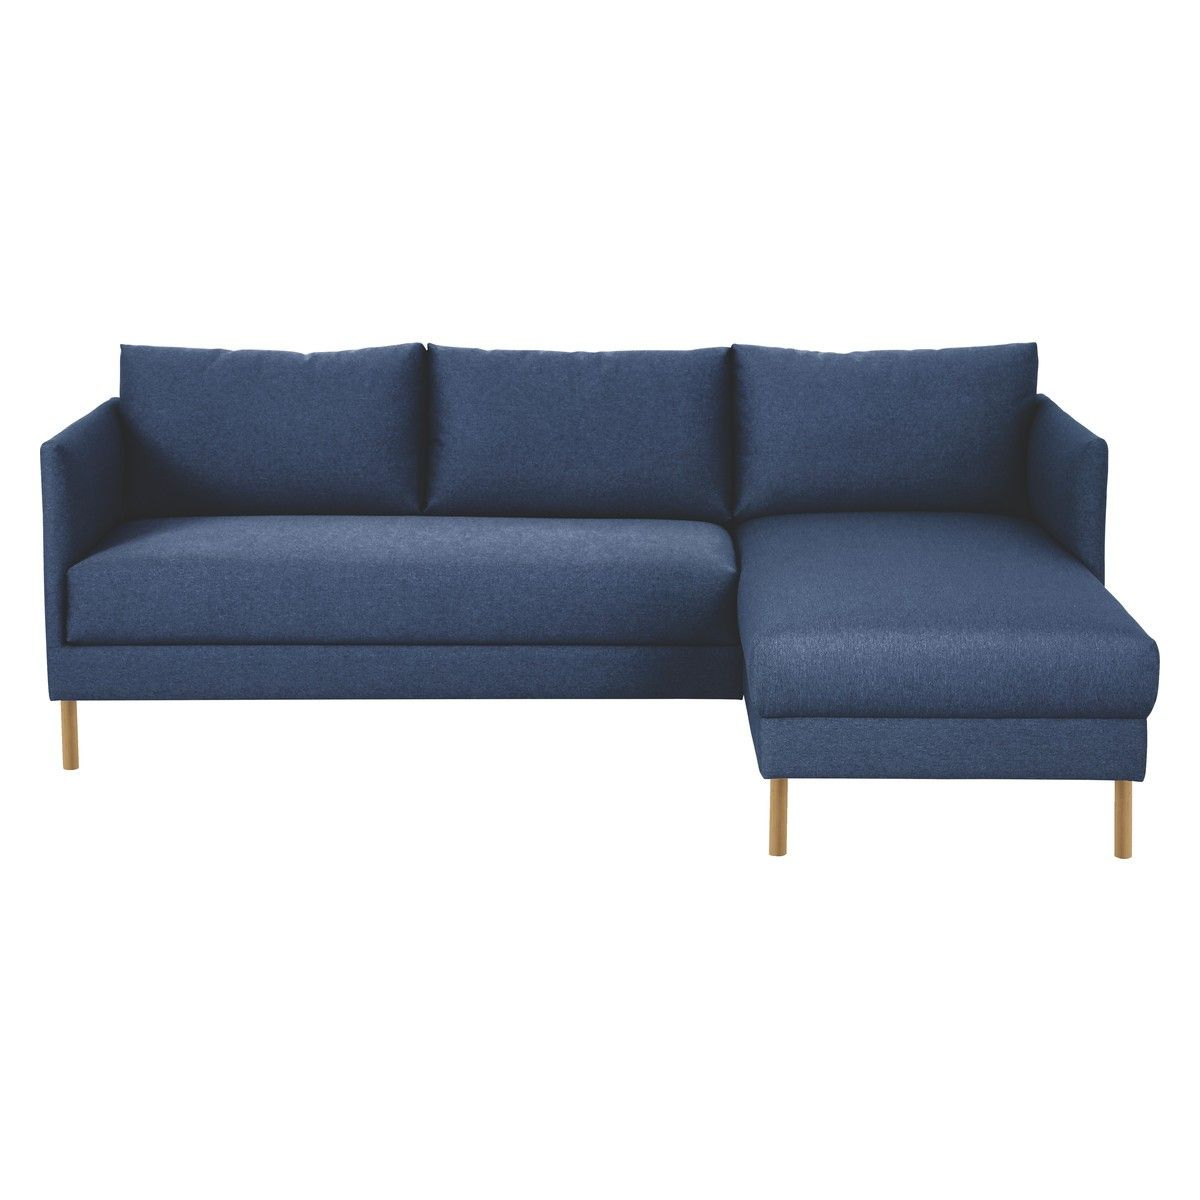 Hyde Blue Fabric Right Arm Chaise Sofa Wooden Legs Chaise Sofa Corner Sofa Sofa